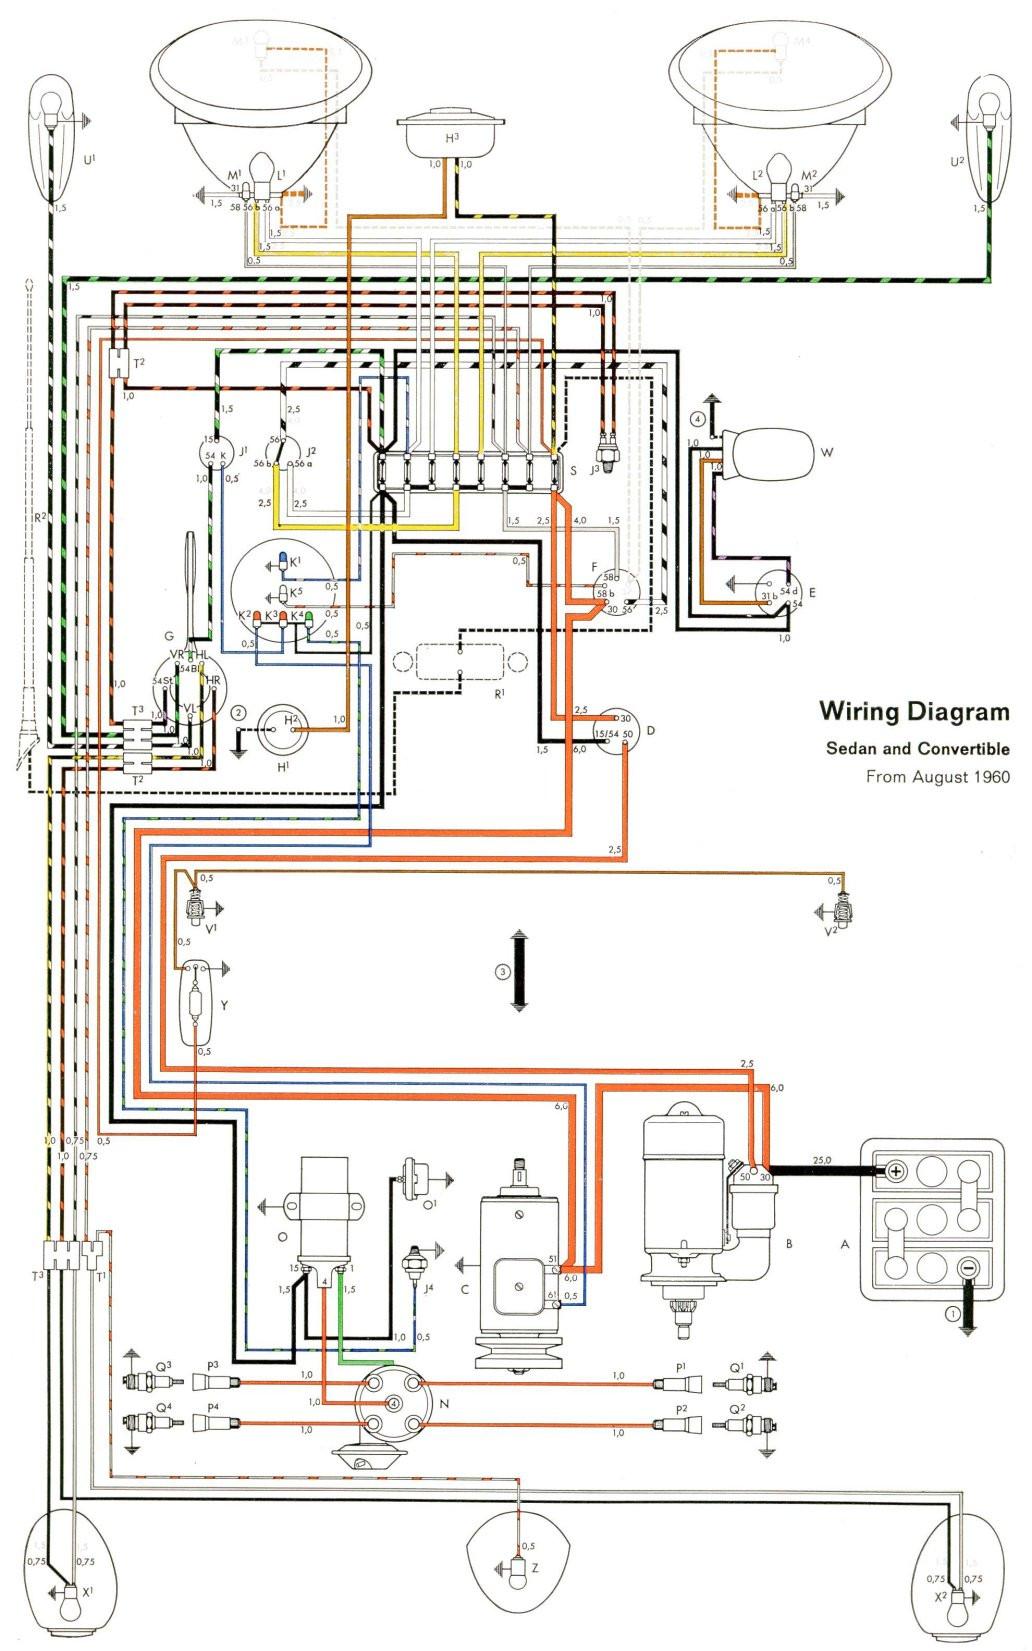 Beetle 1600 Wiring Diagram thesamba.com :: Type 1 Wiring Diagrams Of Beetle 1600 Wiring Diagram